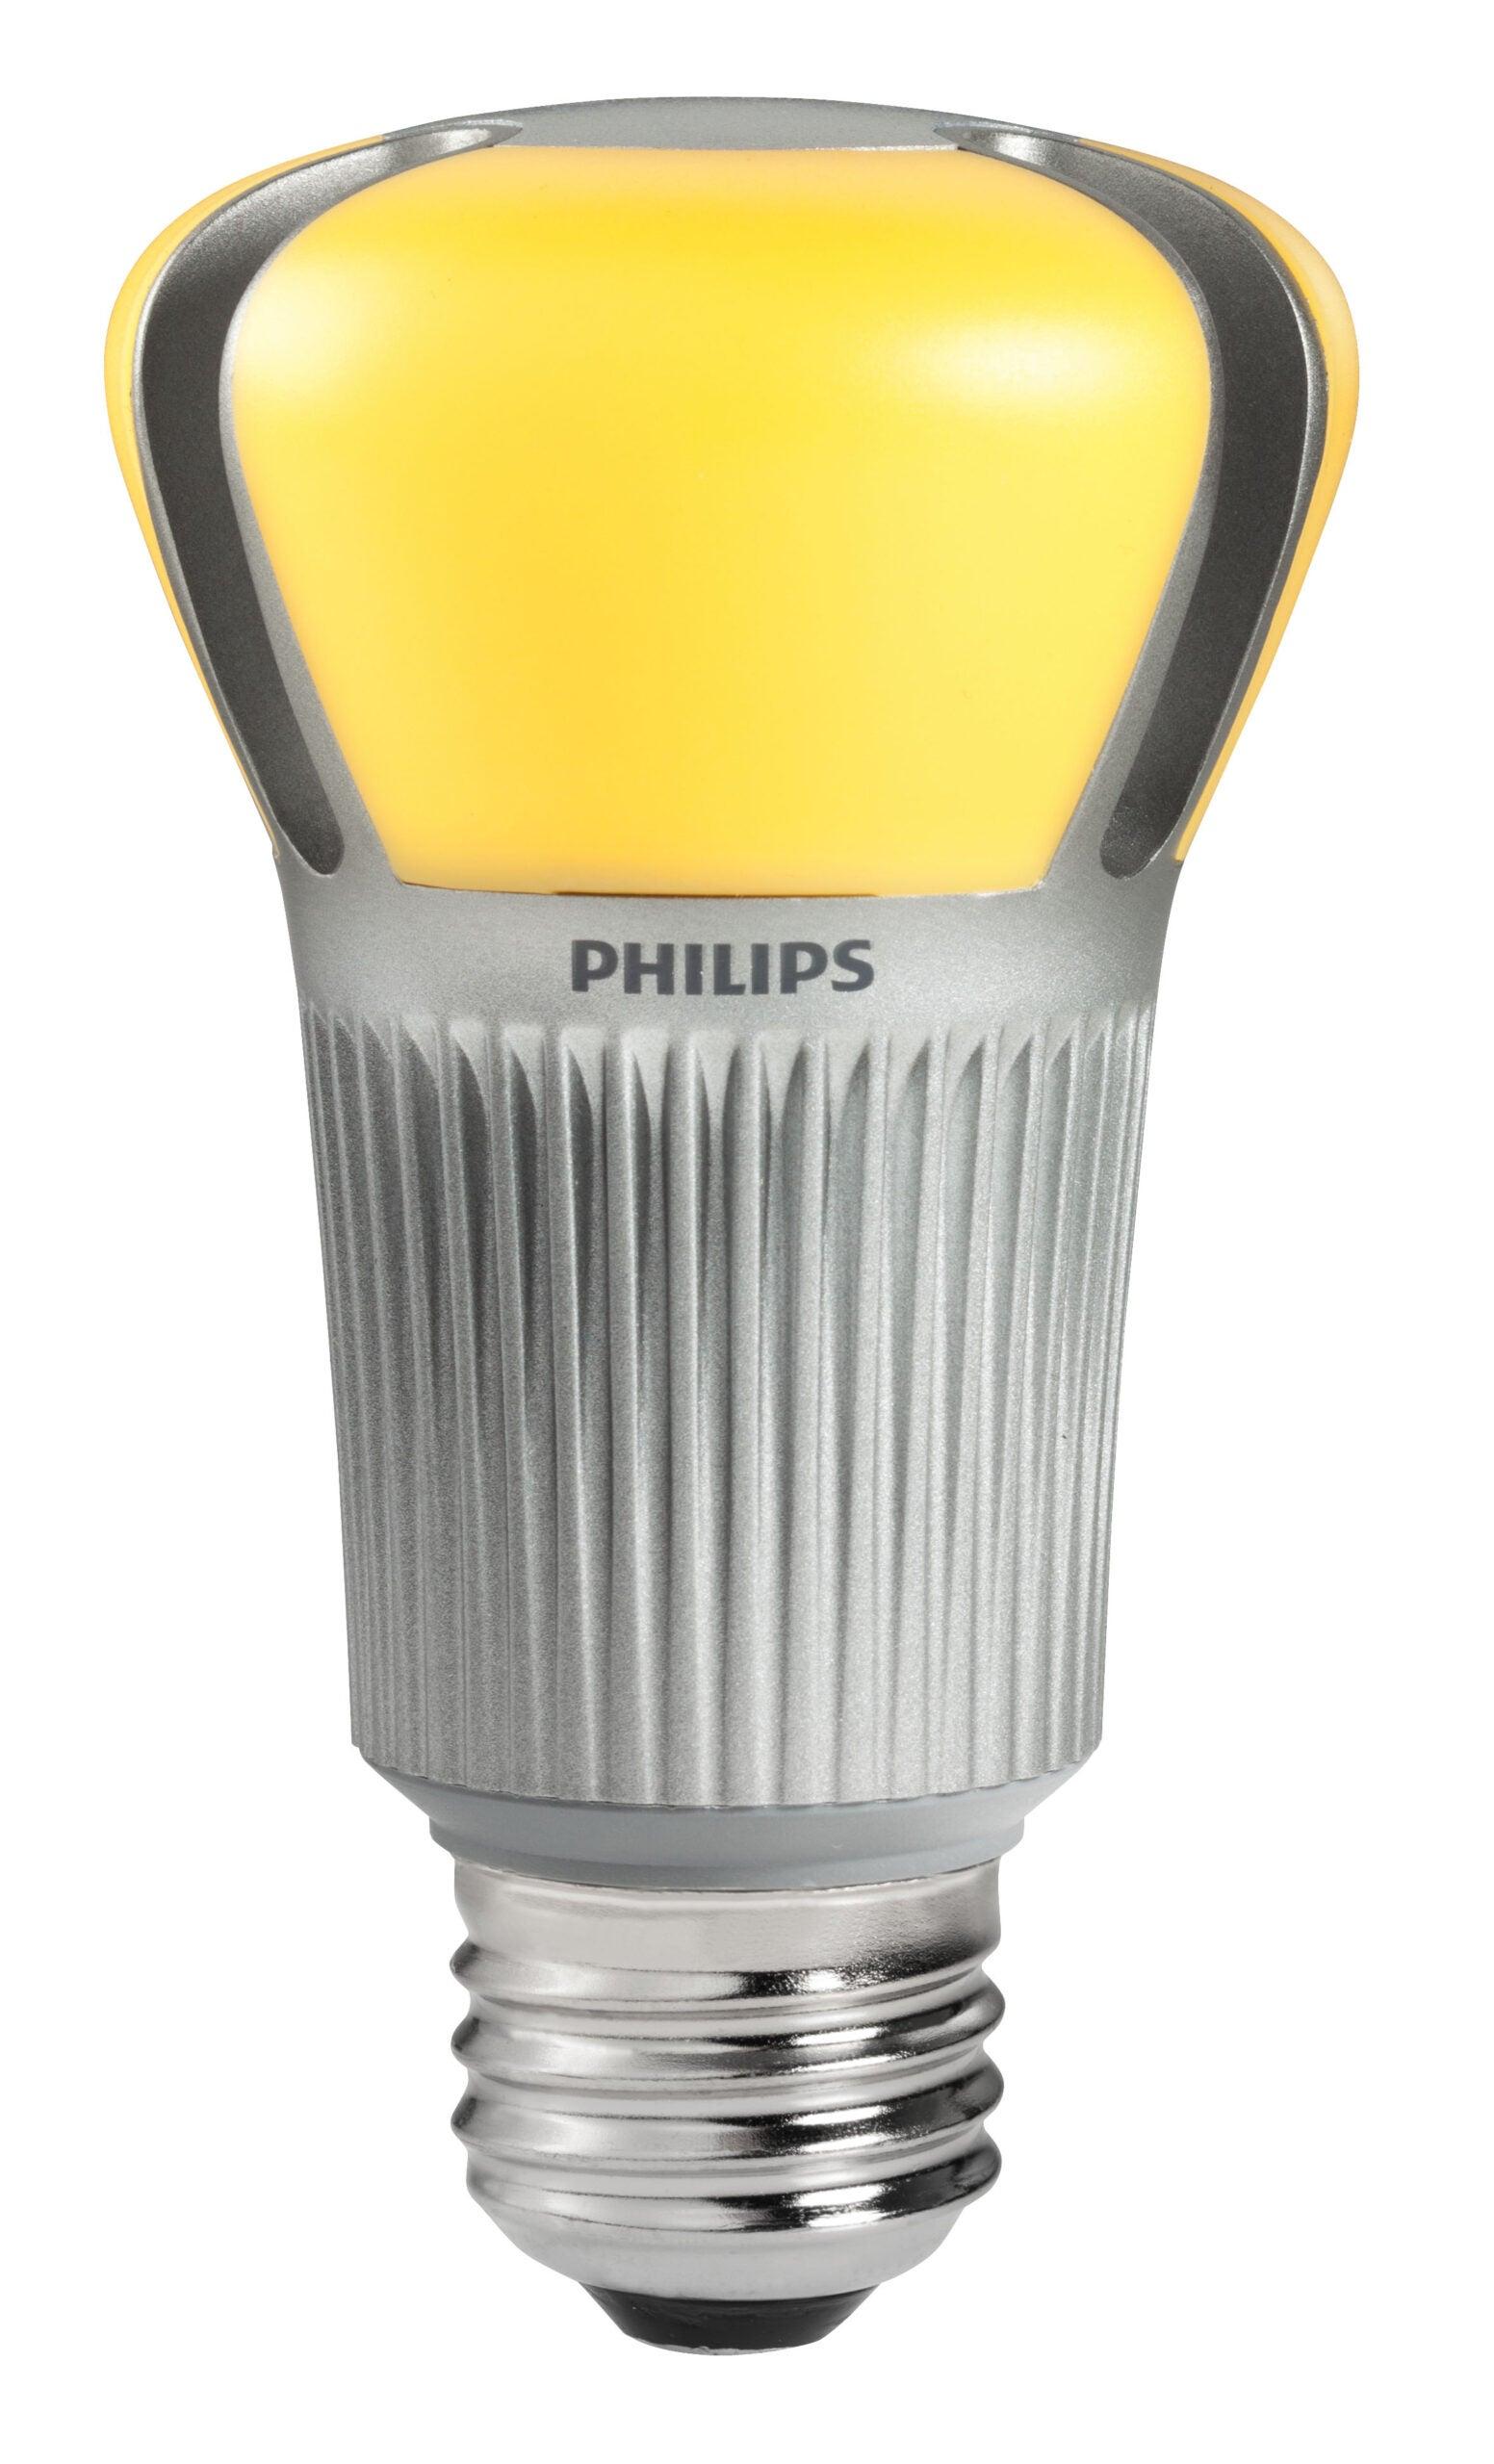 Sponsored Post: Philips EnduraLED pt. 2